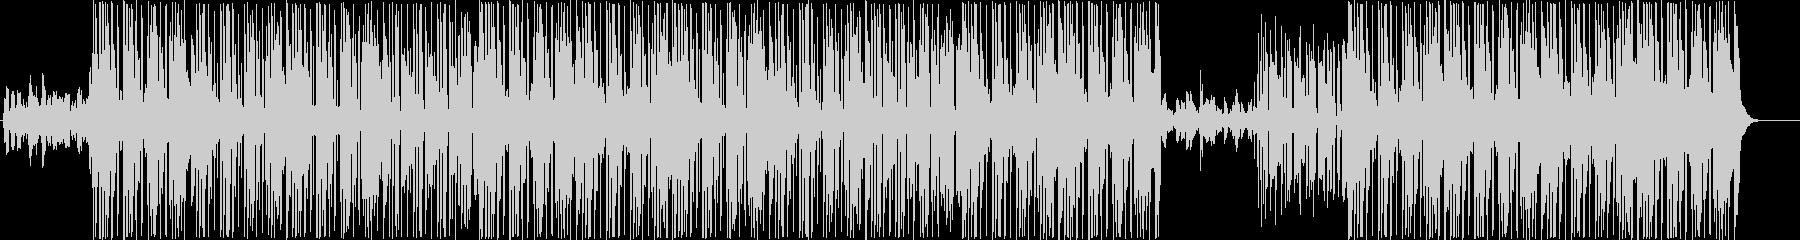 ミッドテンポファンク、ポップトラック♪の未再生の波形